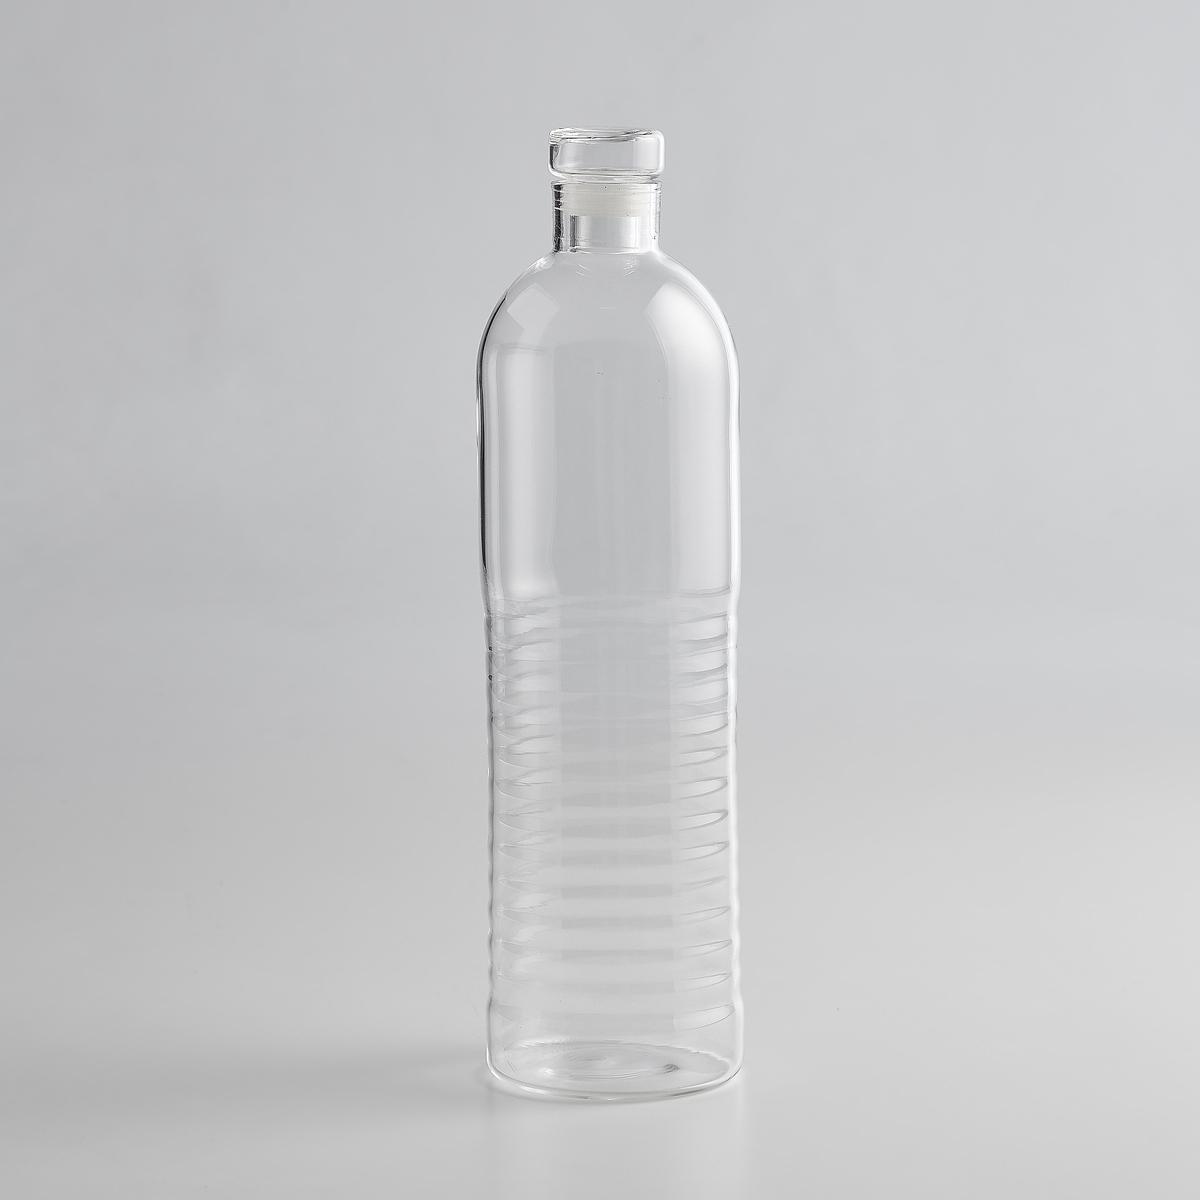 Бутыль/ графин стеклянныйБутыль/графин стеклянный: бутыль с обычной водой изящной формы. Её современный вид придаст цену содержимому.Характеристики бутыли/графина стеклянного:- Из прозрачного стекла.- объём 1 л.- Диаметр 8 x высота 30 см.<br><br>Цвет: прозрачный